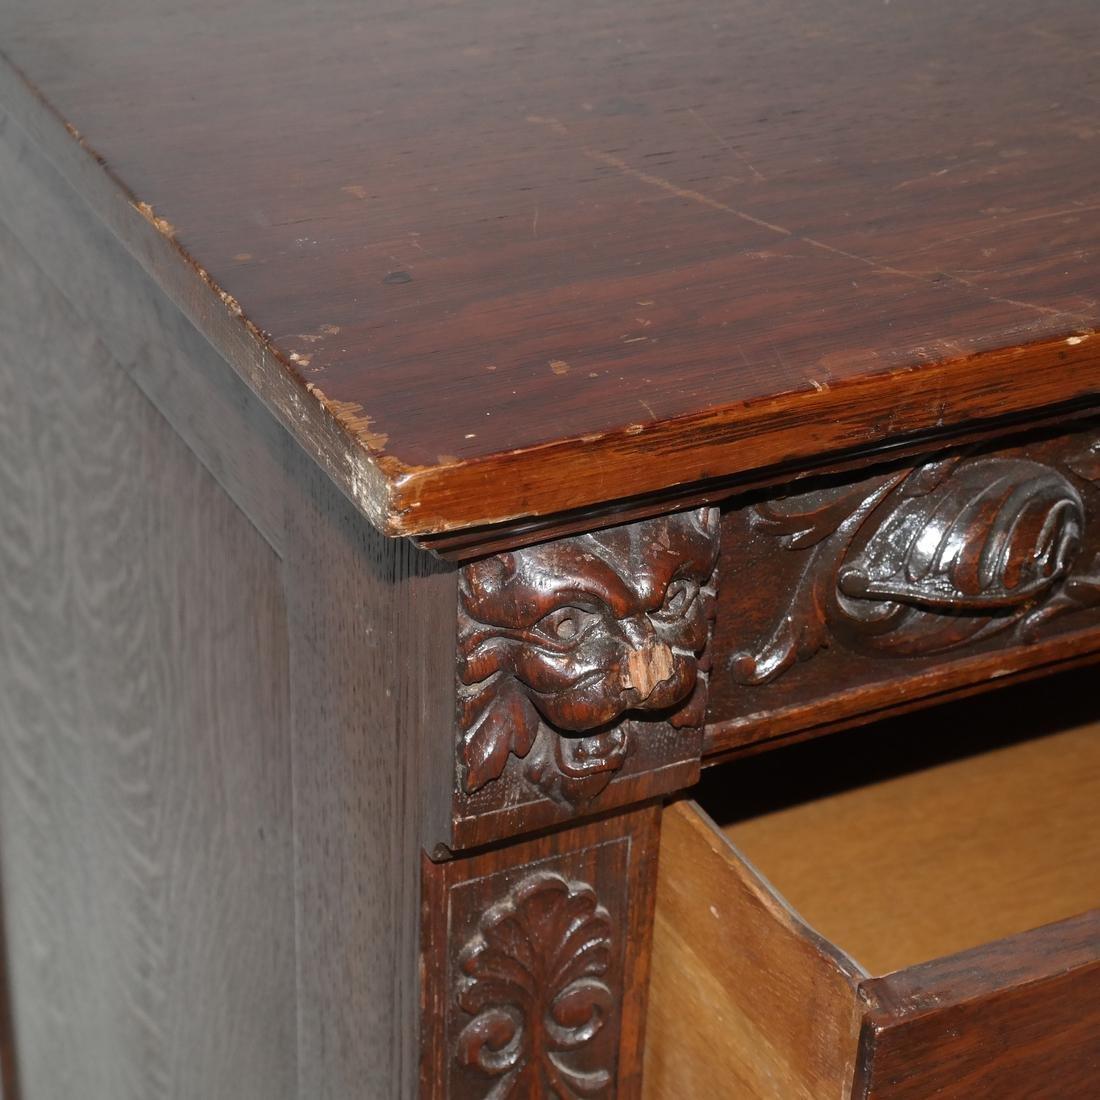 Antique Ornate Golden Oak Sideboard - 7